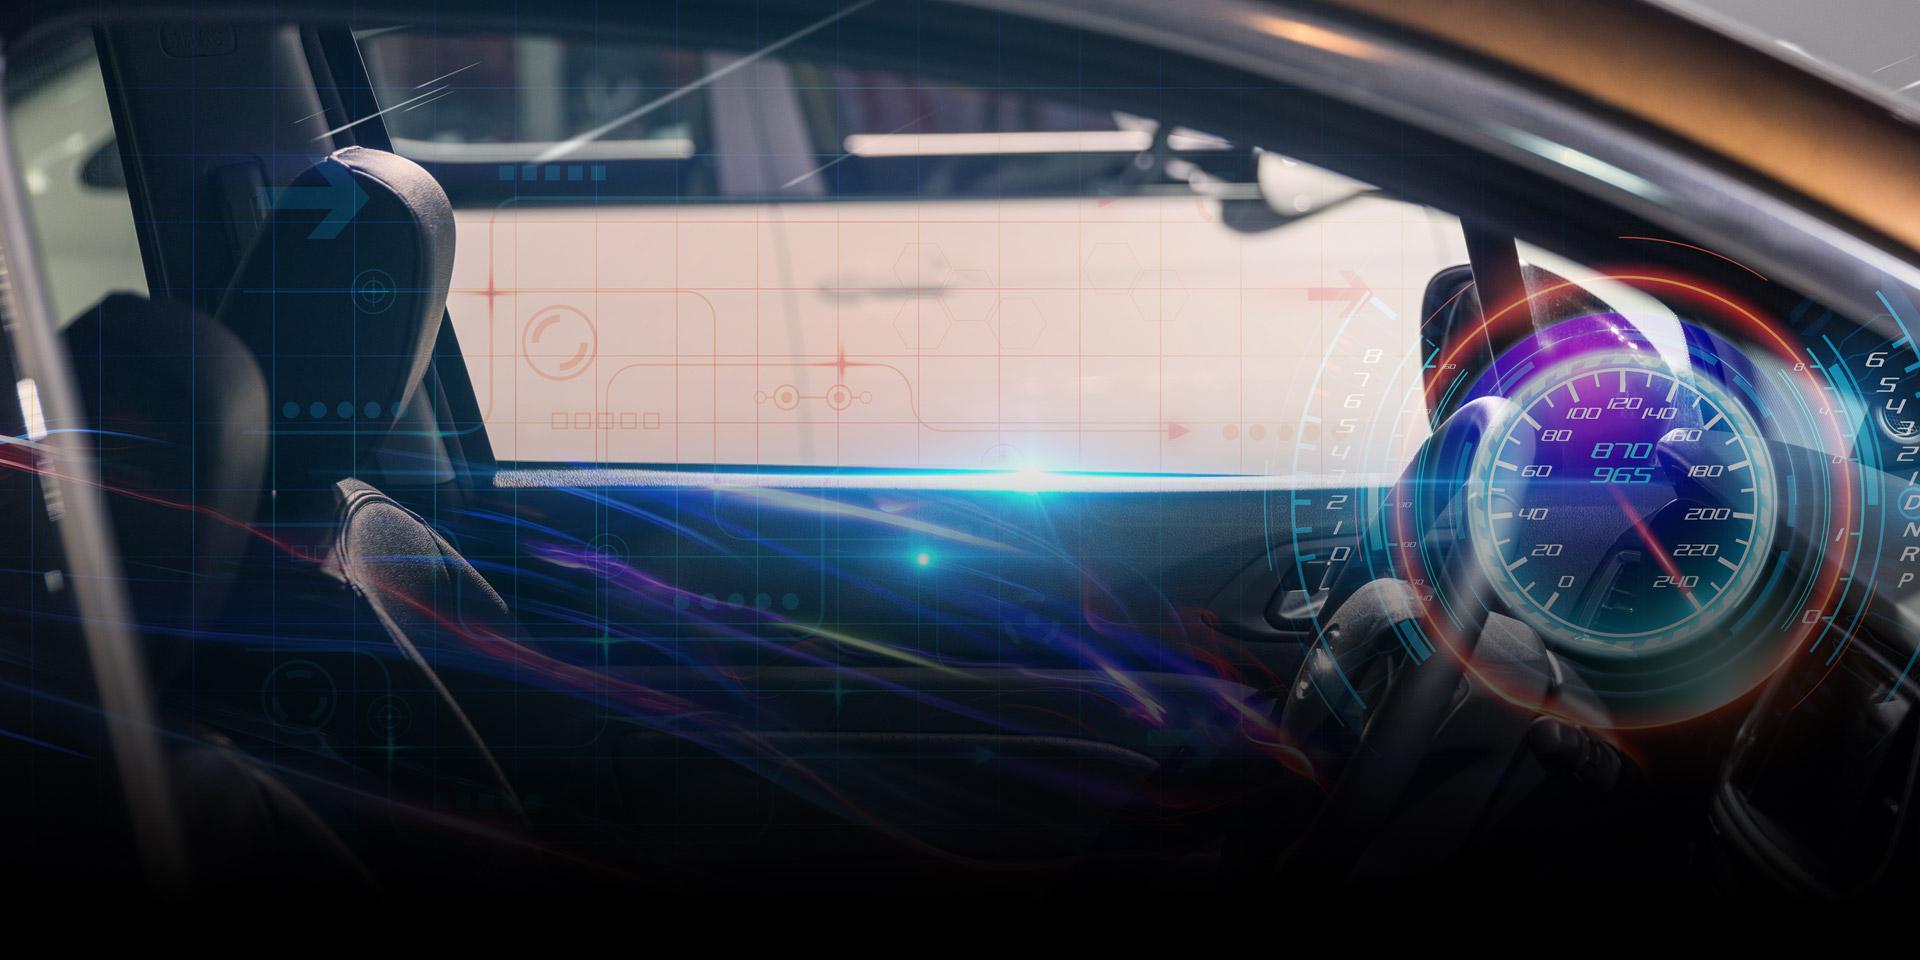 艾睿光电红外热成像仪应用于自动驾驶